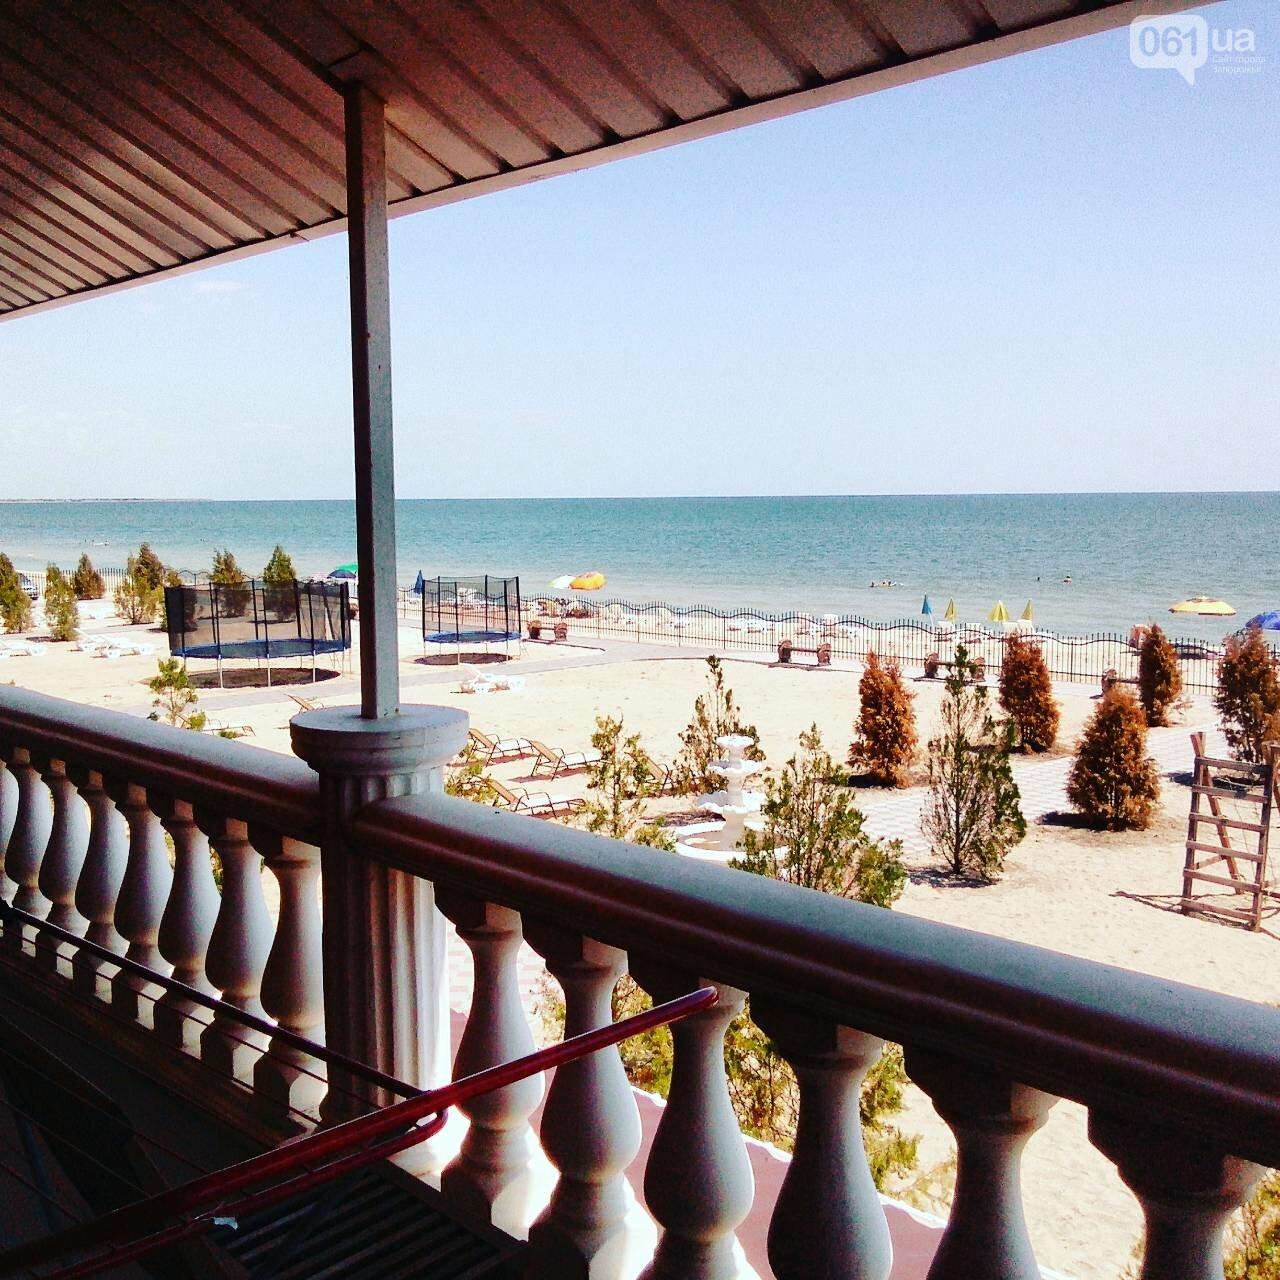 Где отдохнуть на море этим летом: обзор жилья и цен на украинских курортах , фото-31